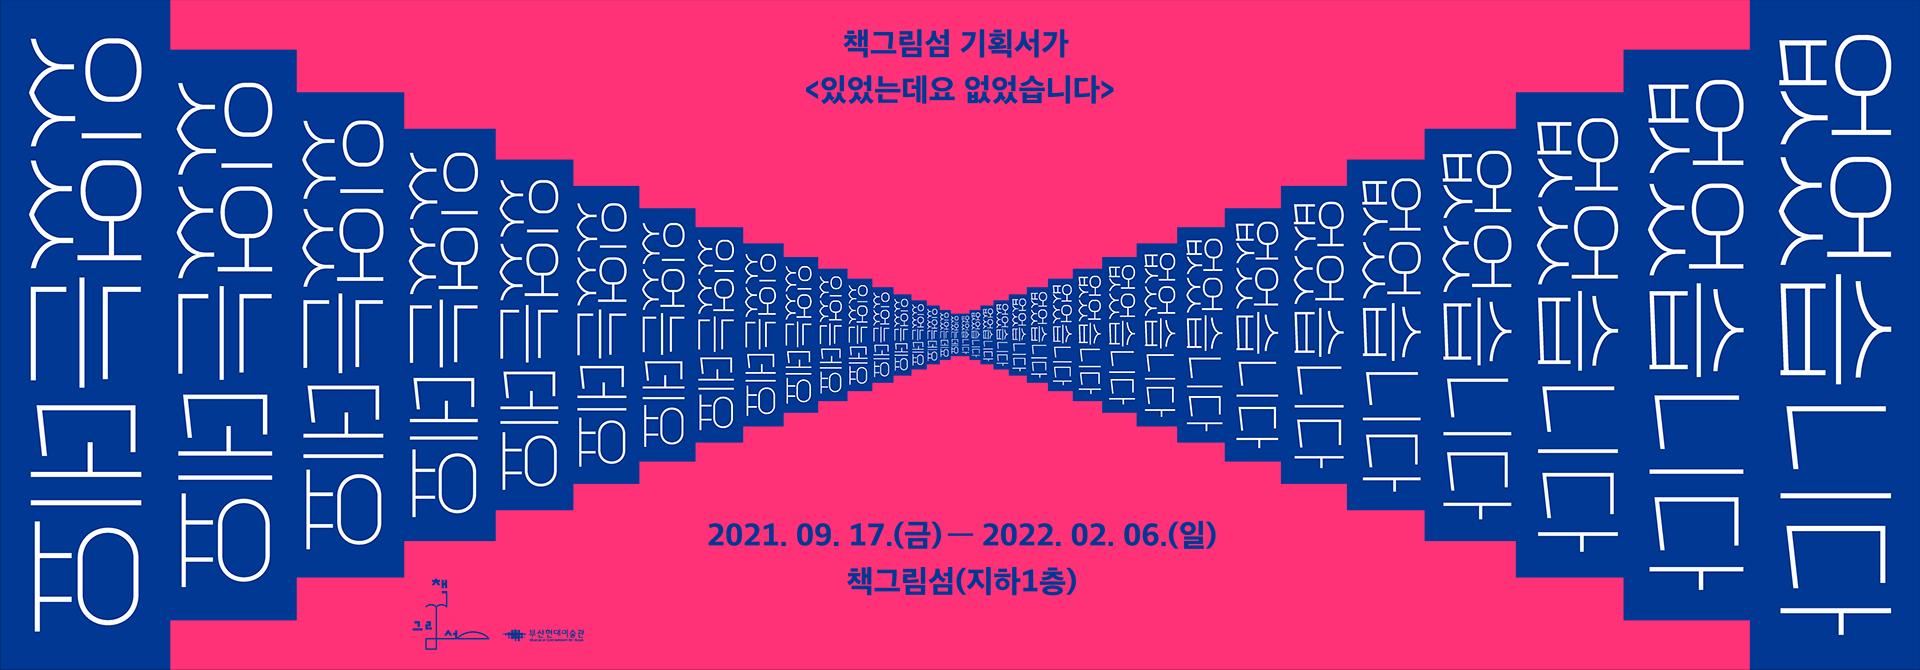 책그림섬 기획서가 (있었는데요 없었습니다) 2021. 09. 17.(금) - 2022. 02. 06.(일) 책그림섬(지하1층) 부산현대미술관